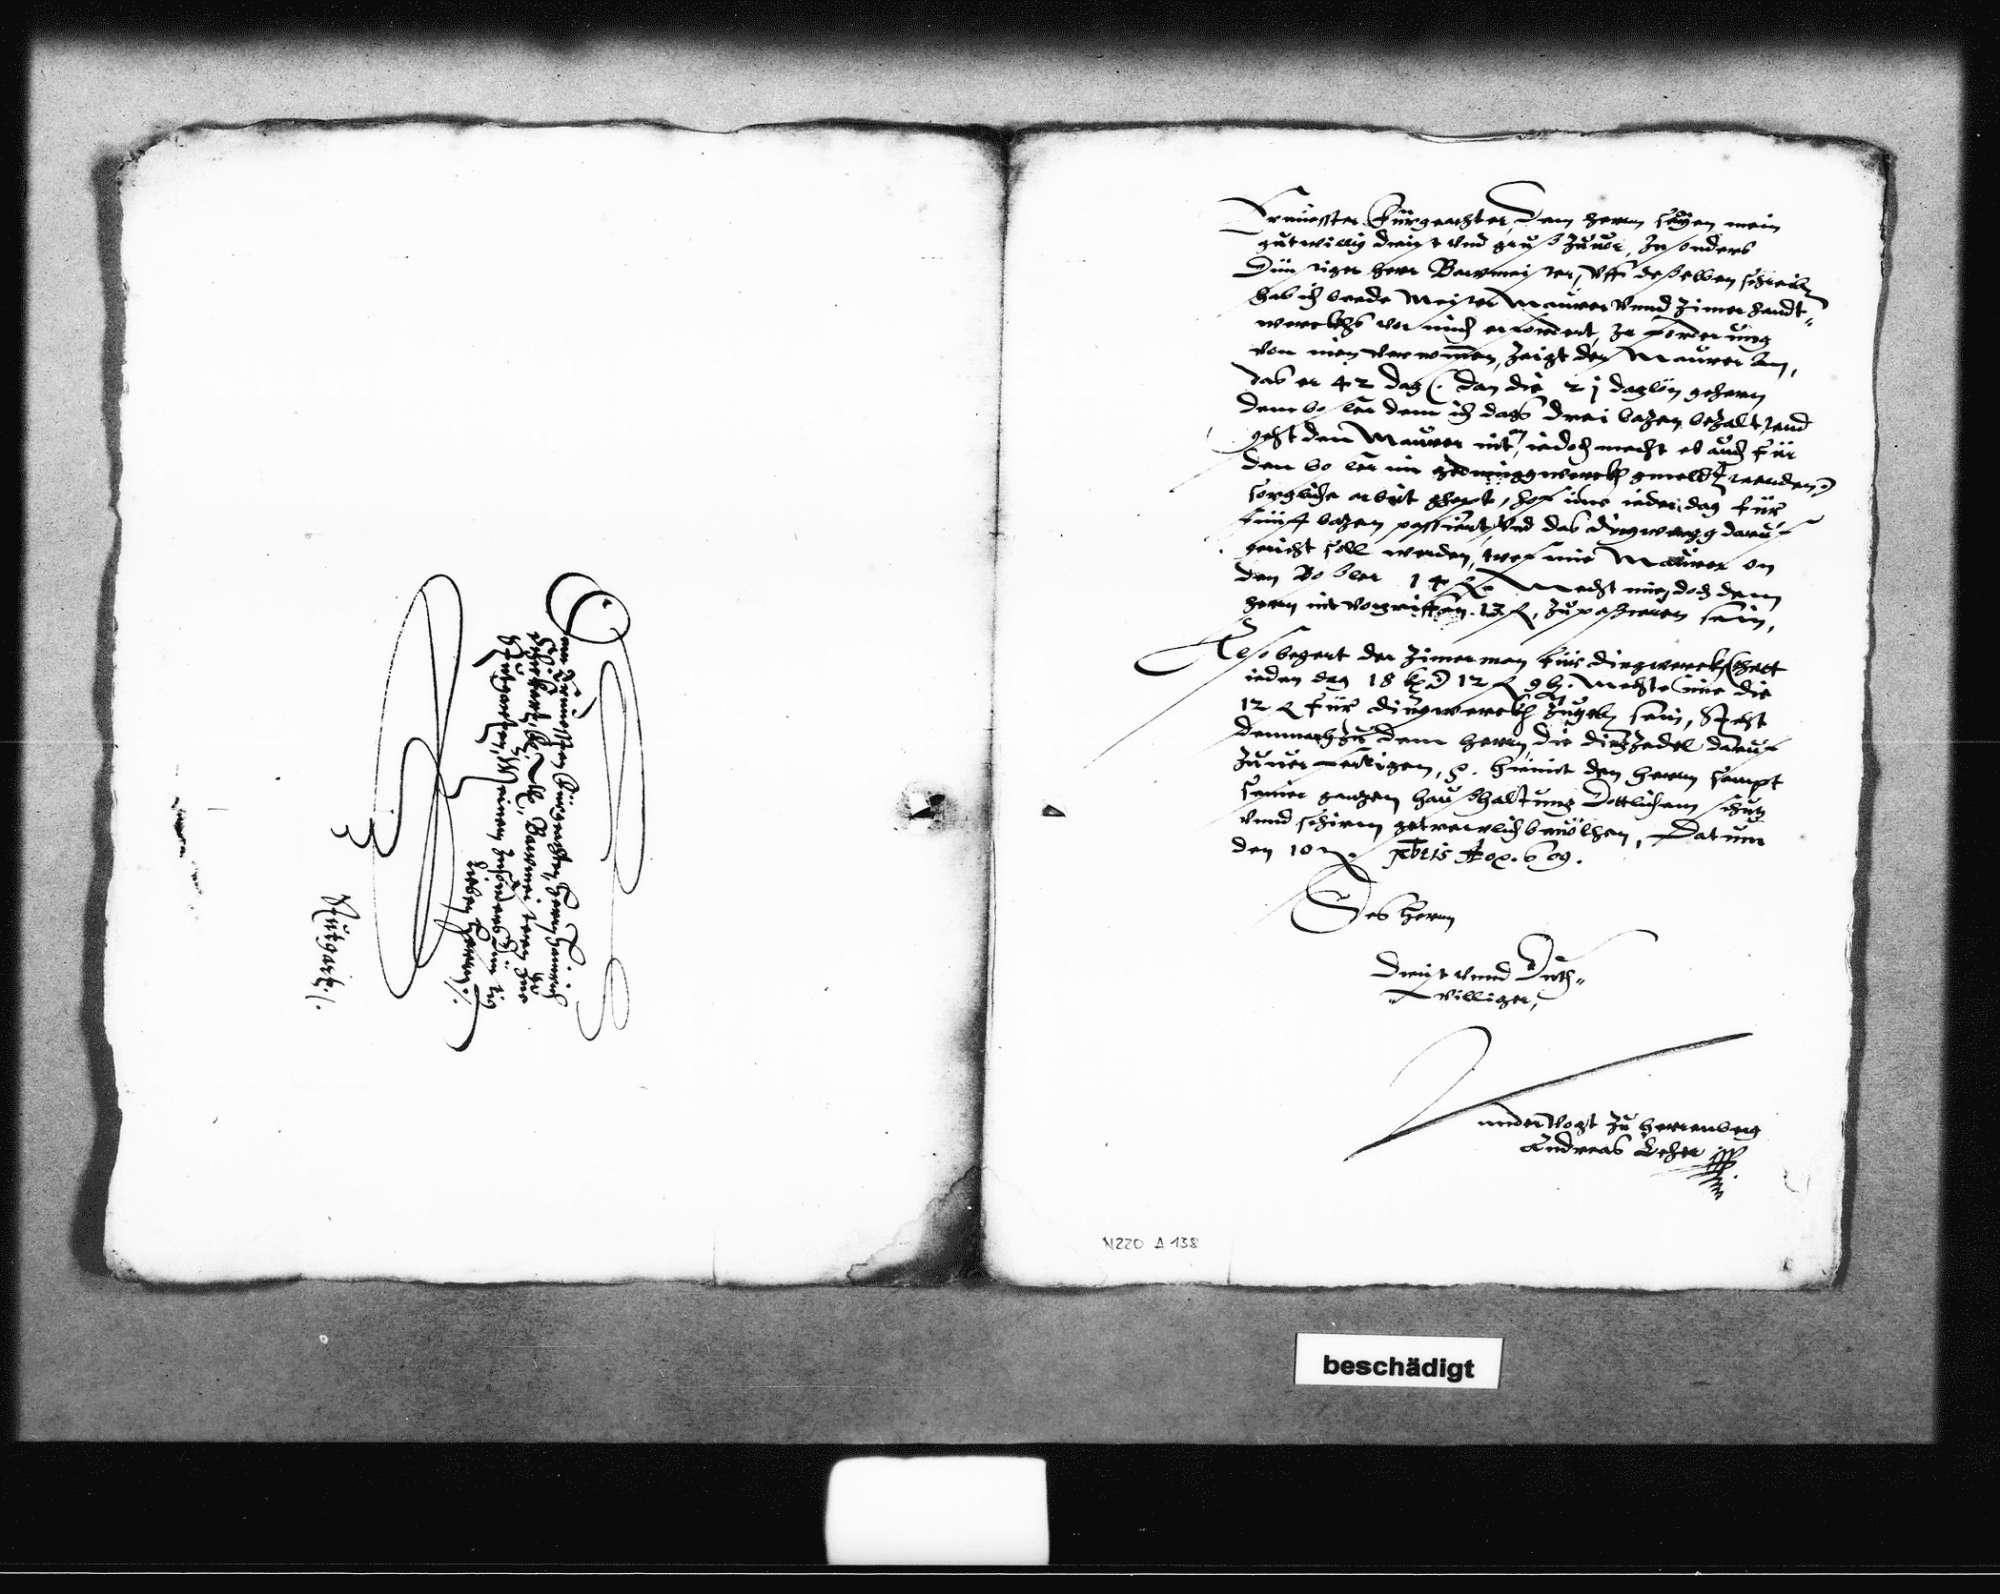 Zwei Schreiben von Andreas Leher, Untervogt in Herrenberg, über den hinteren Schlossturm, 1609; Entwurf eines Berichts an den Herzog von Schickhardt darüber, 11. August 1609, Bild 2